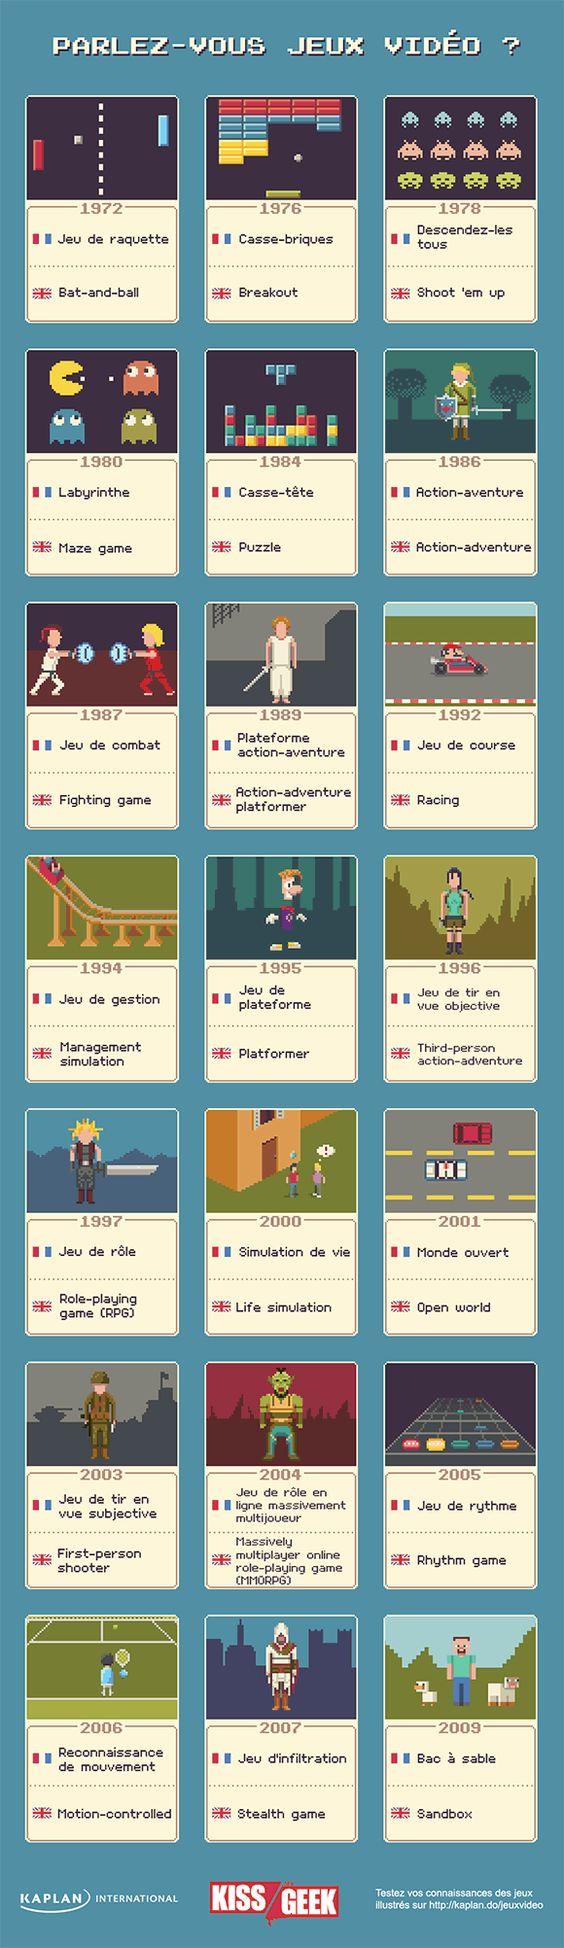 El Conde. fr: L'histoire des jeux vidéos